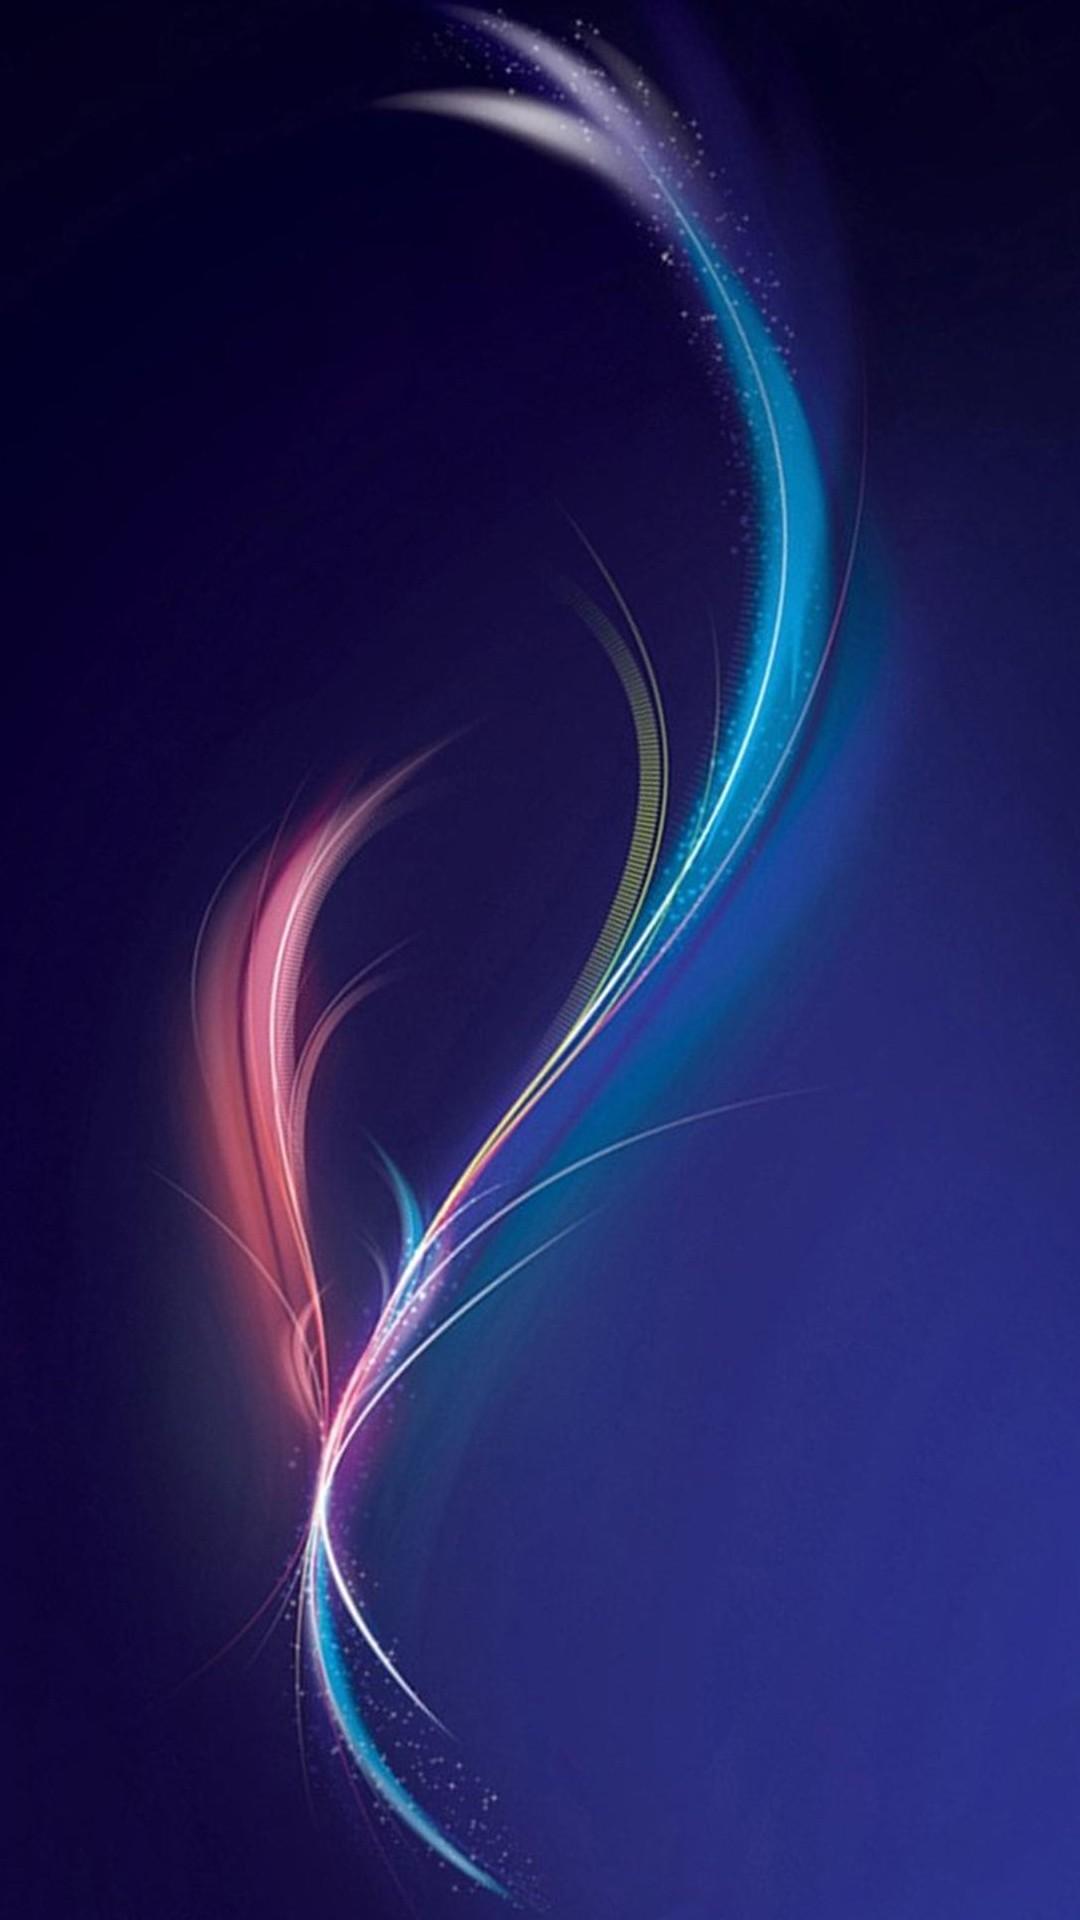 1080x1920 Funny Nexus 5 Wallpapers HD 116